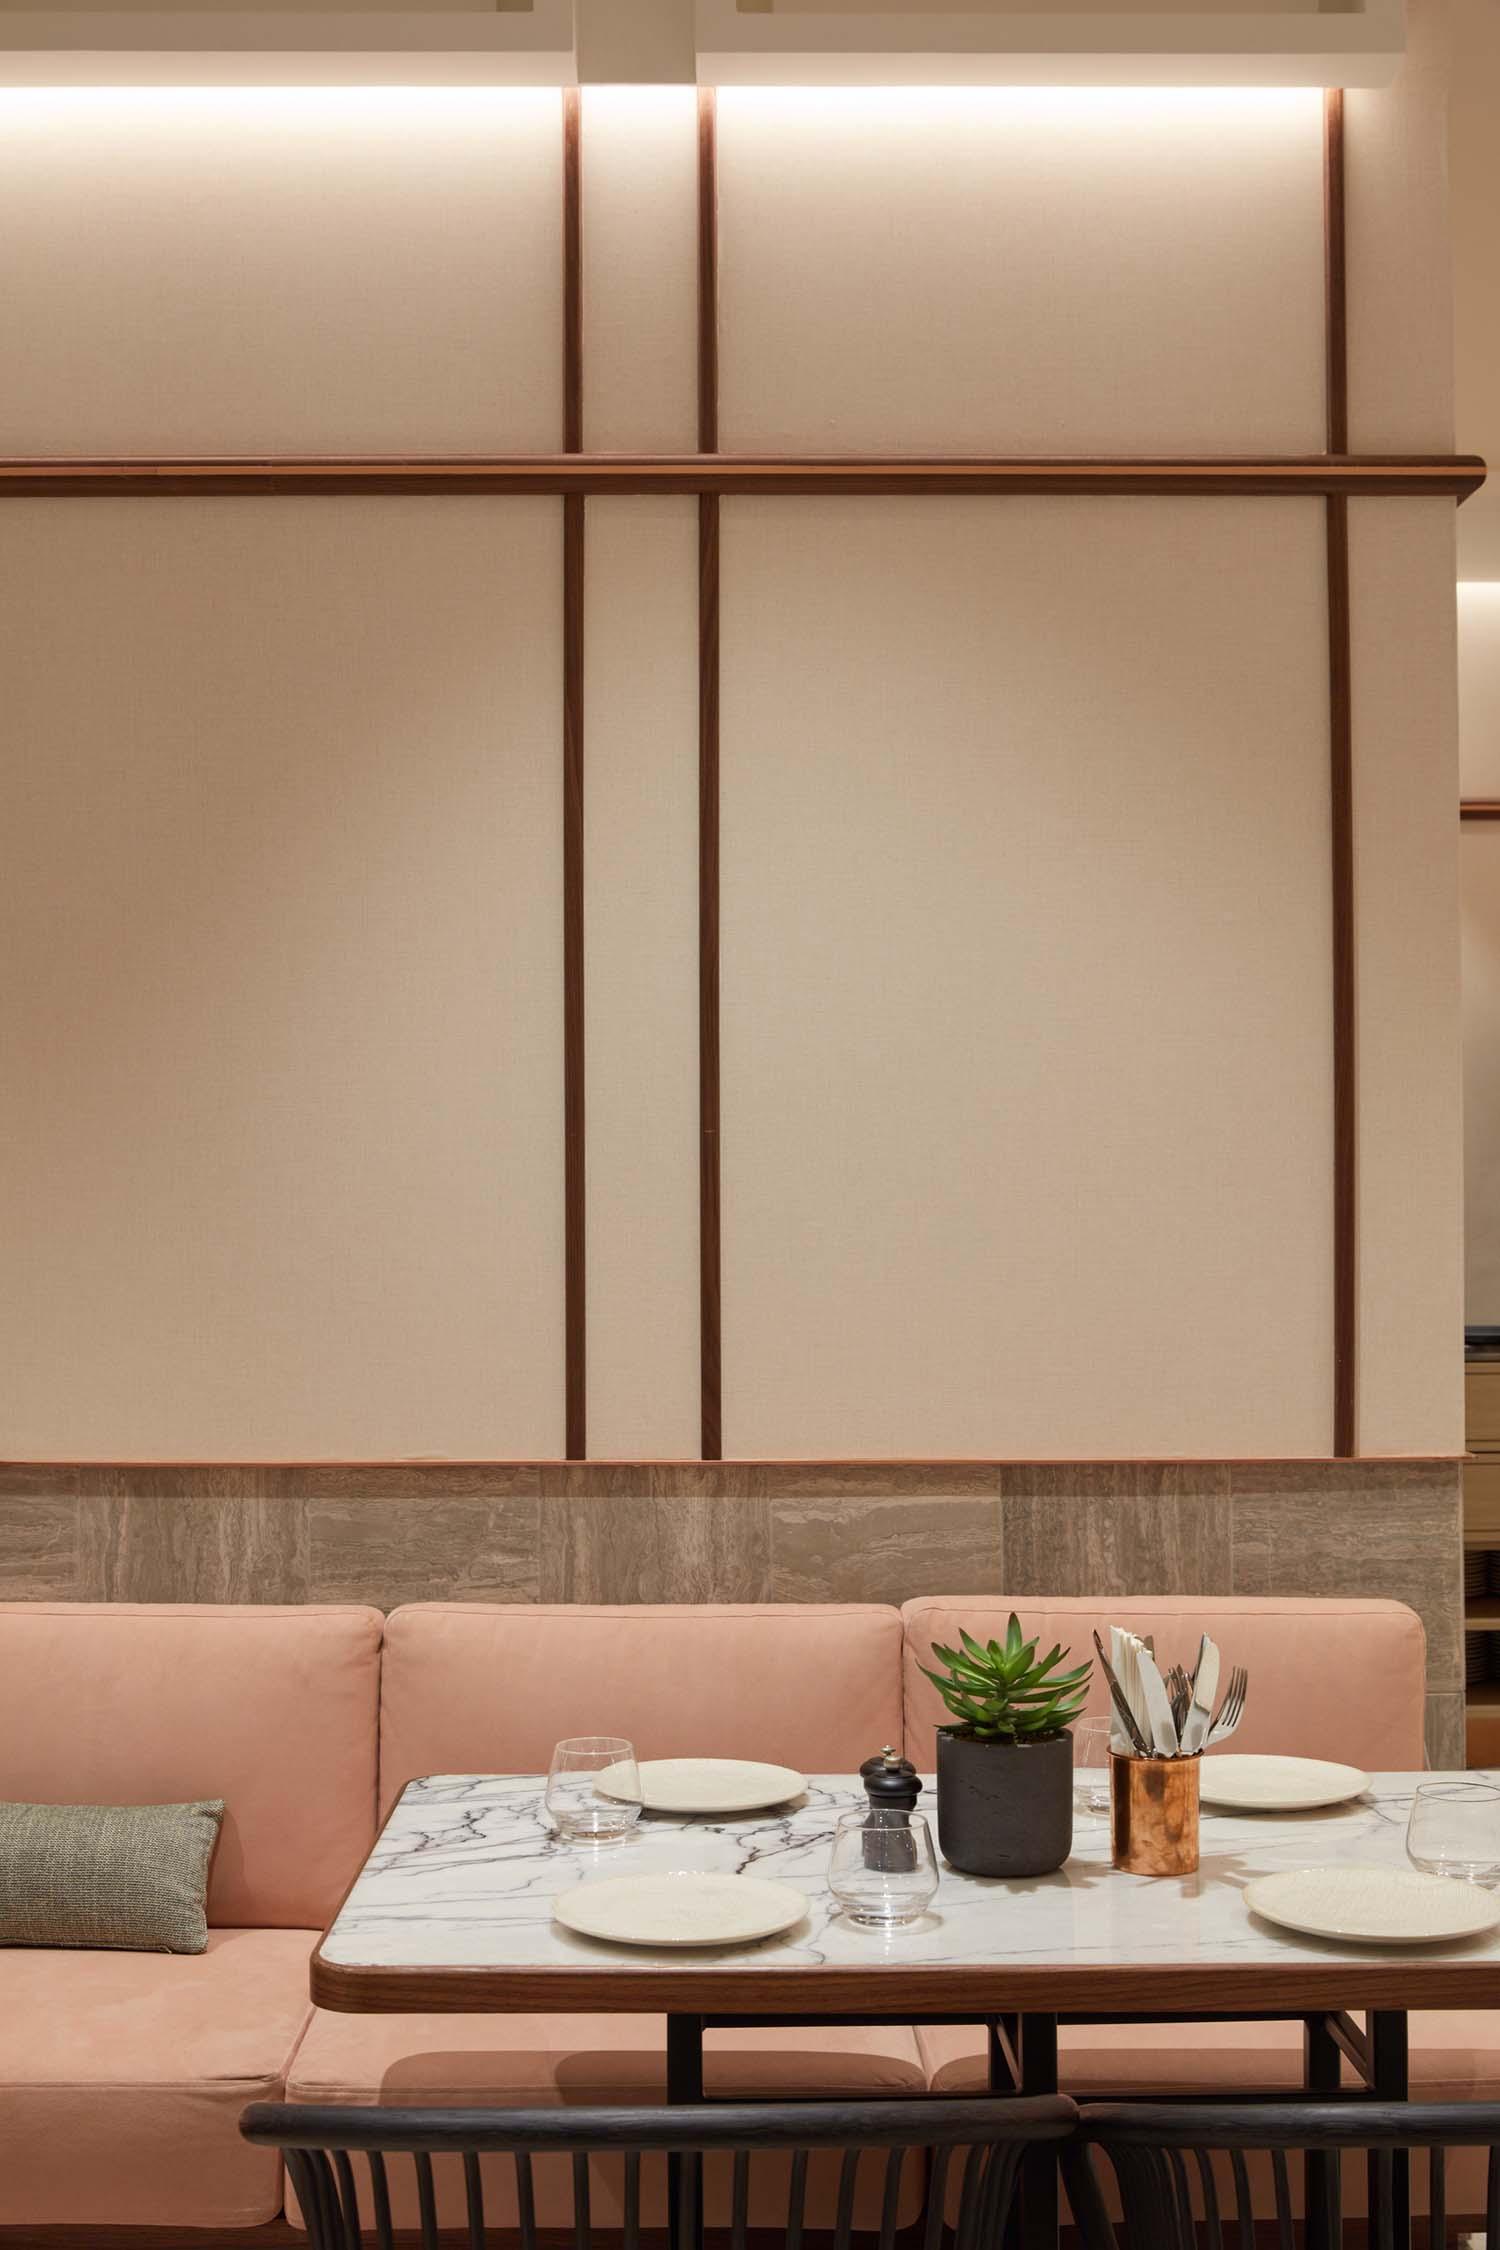 Asma-Interior Design Company in Dubai